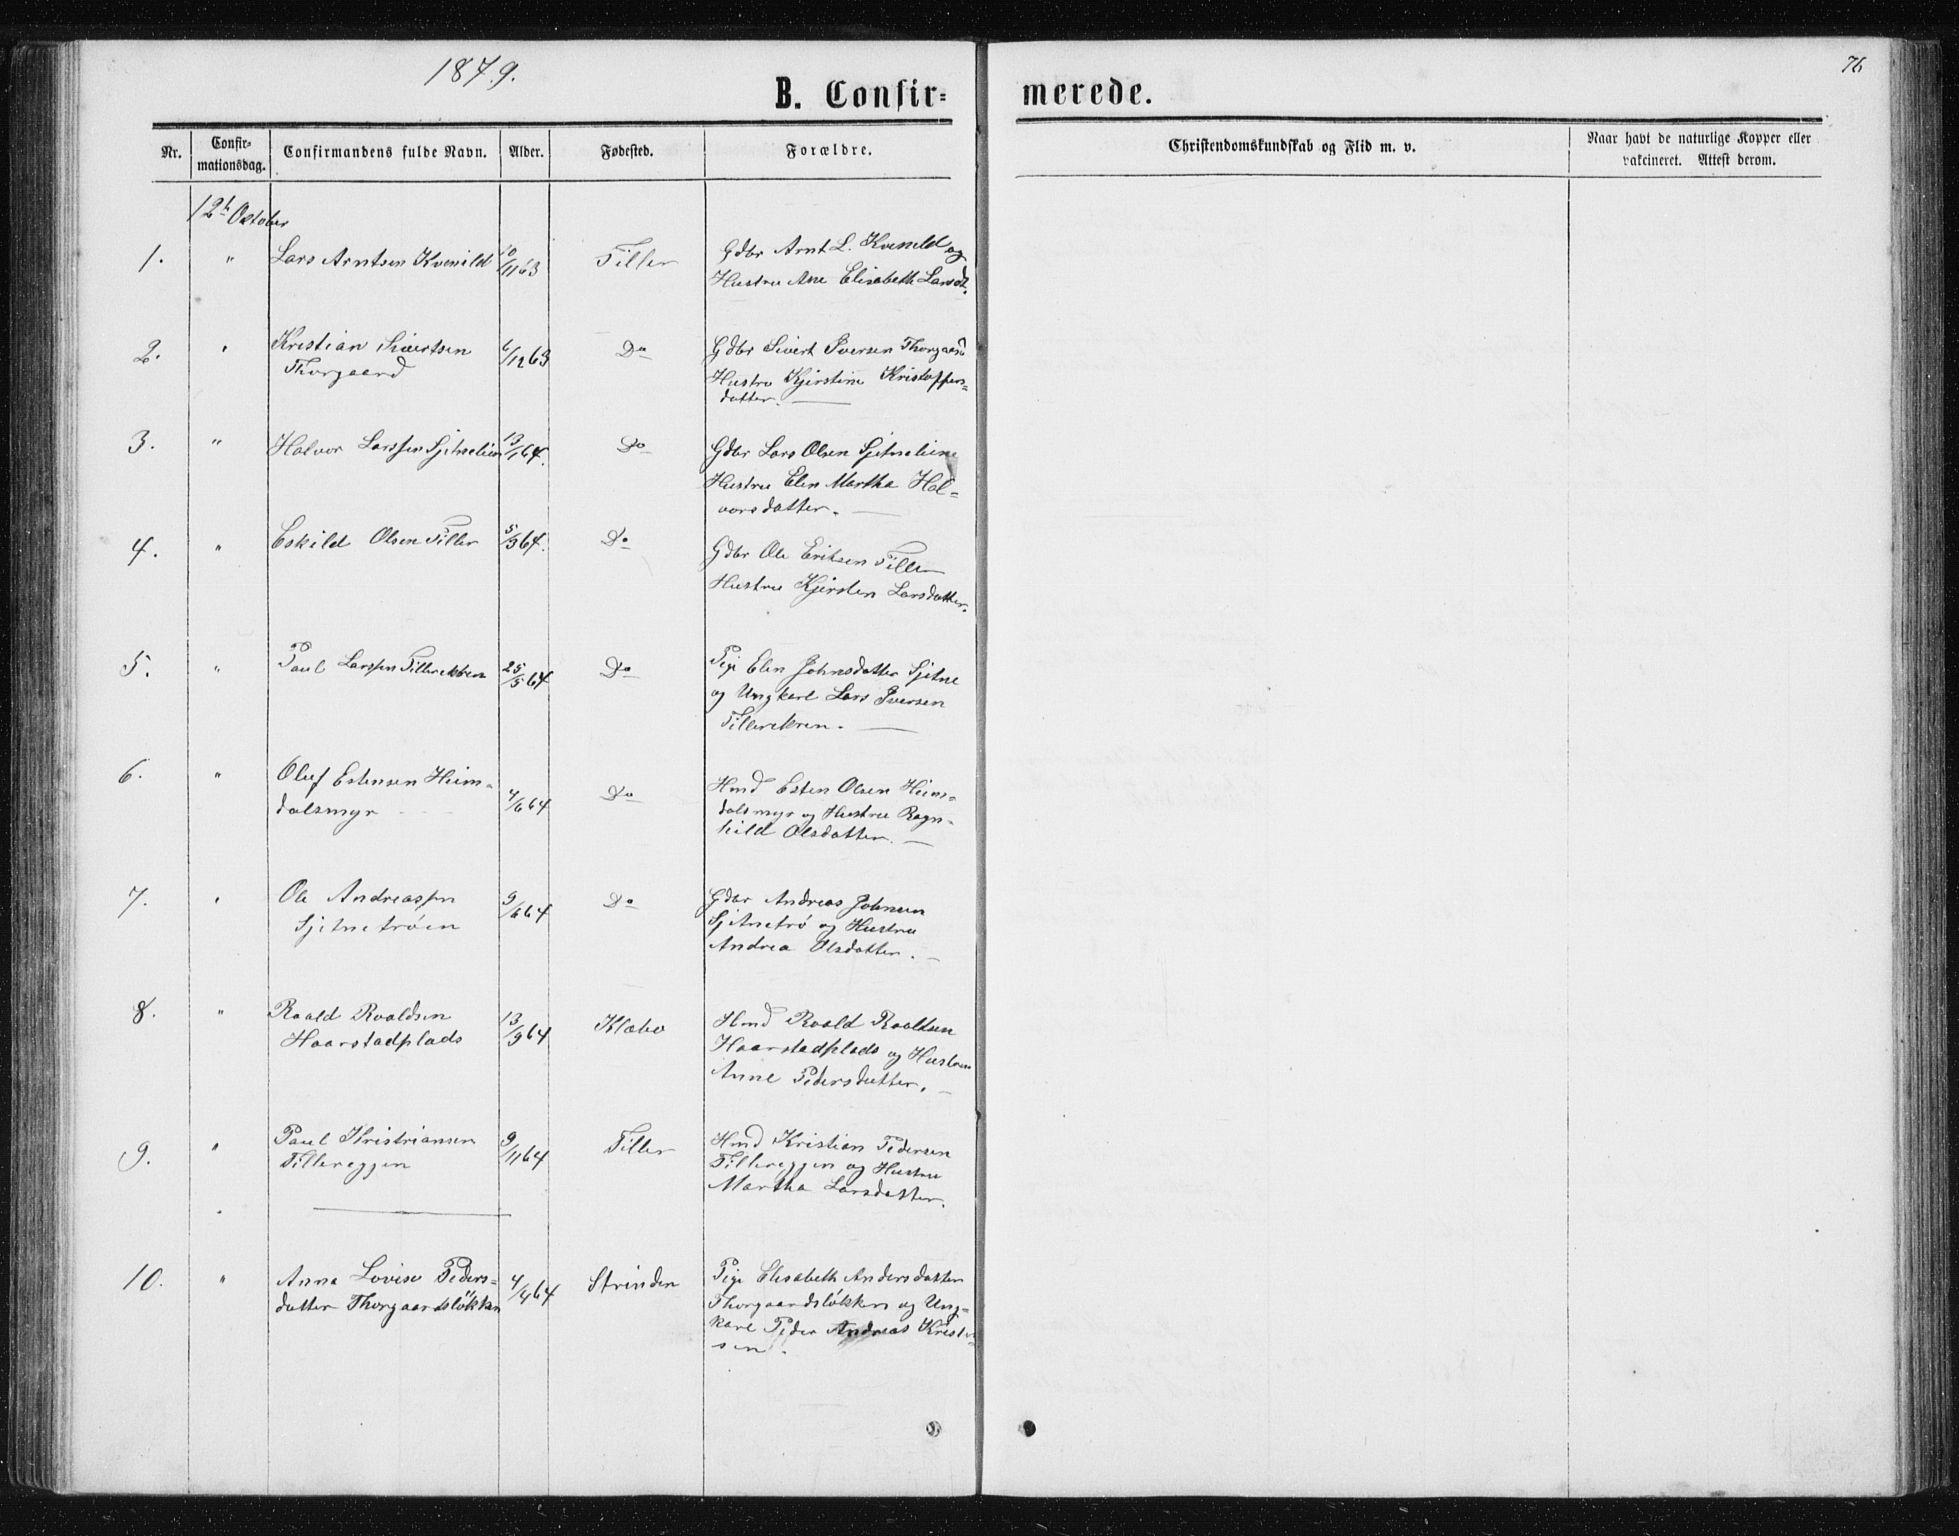 SAT, Ministerialprotokoller, klokkerbøker og fødselsregistre - Sør-Trøndelag, 621/L0459: Klokkerbok nr. 621C02, 1866-1895, s. 76